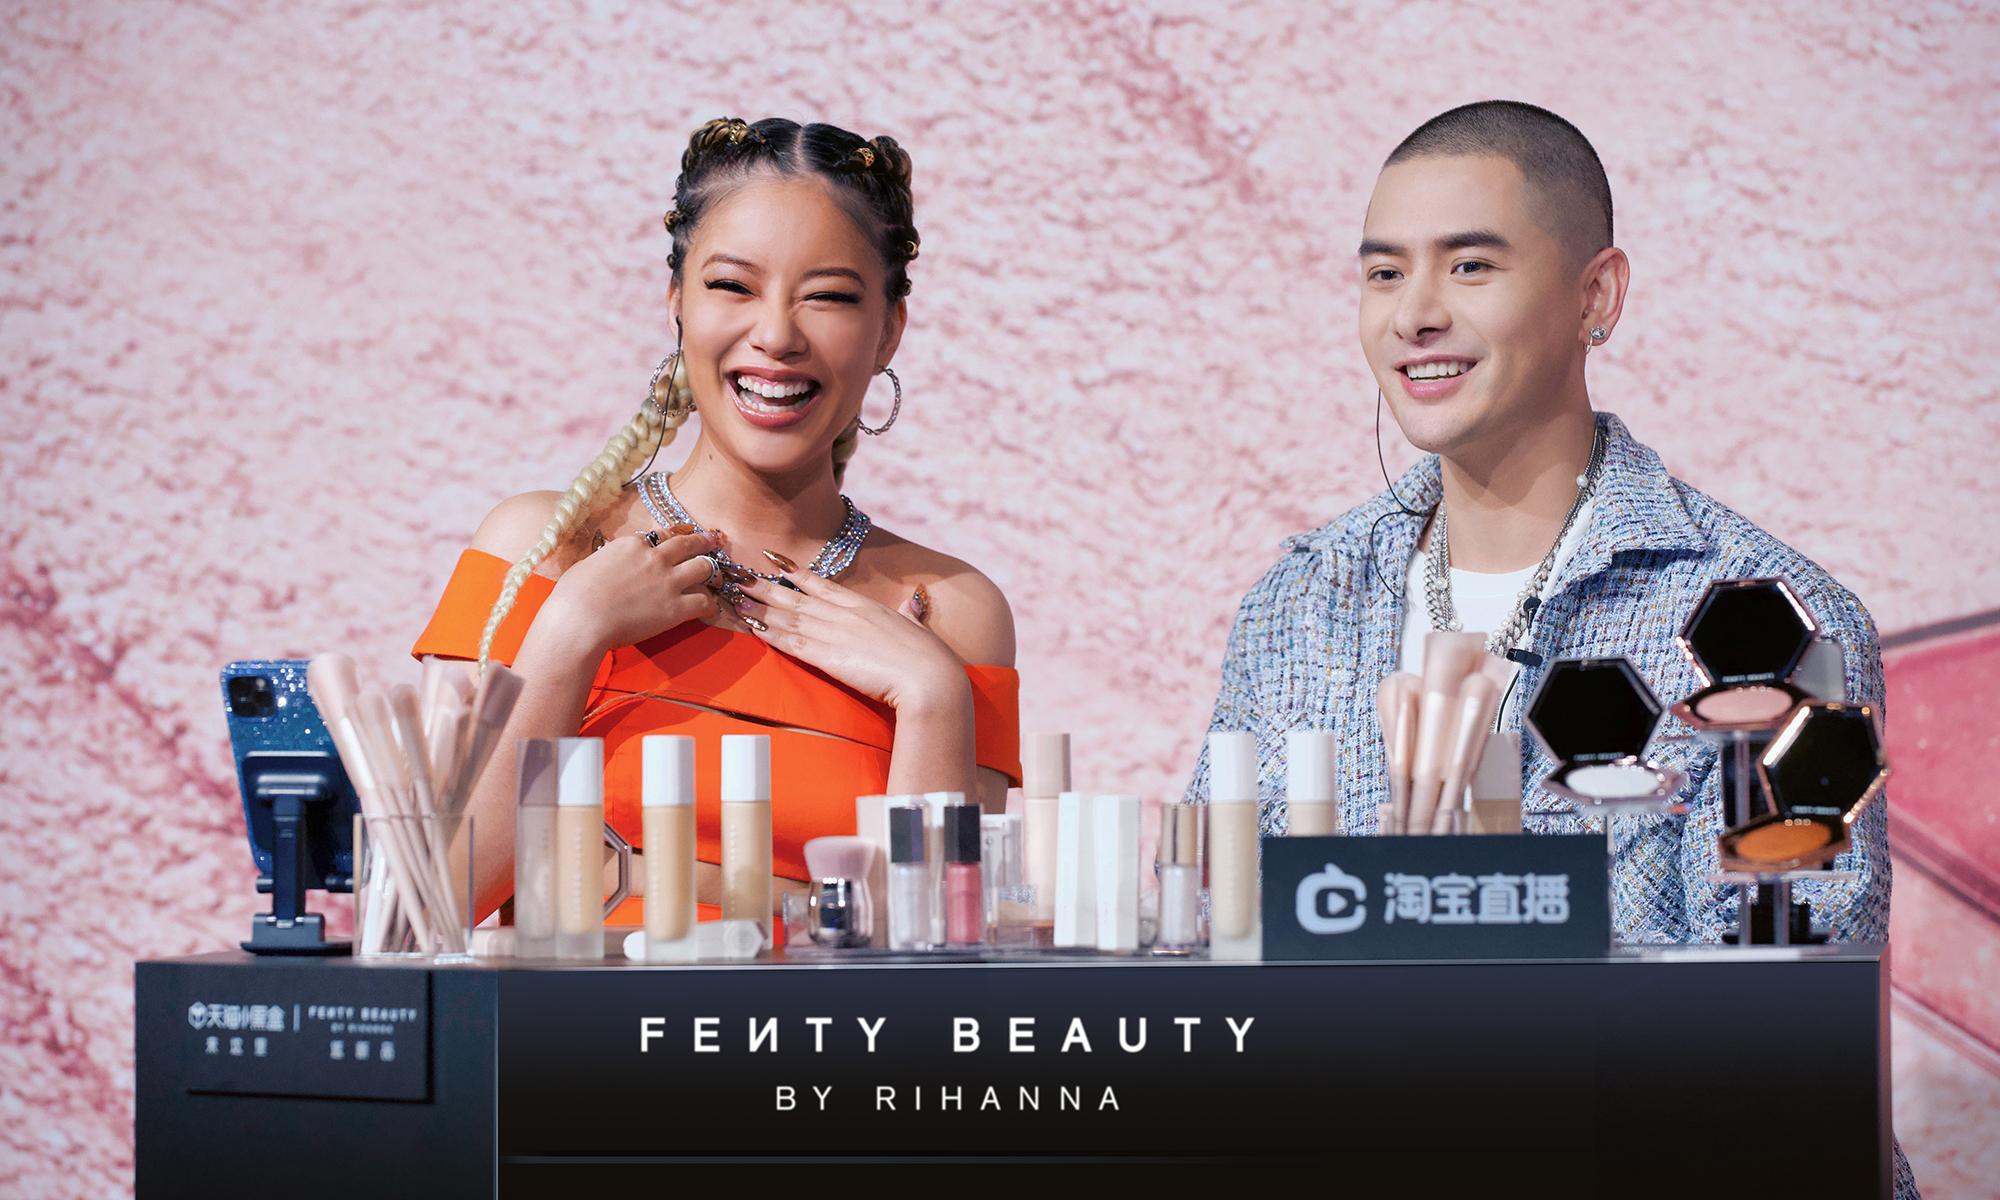 在线传授化妆技术,蕾哈娜亮相 Fenty Beauty 淘宝直播间